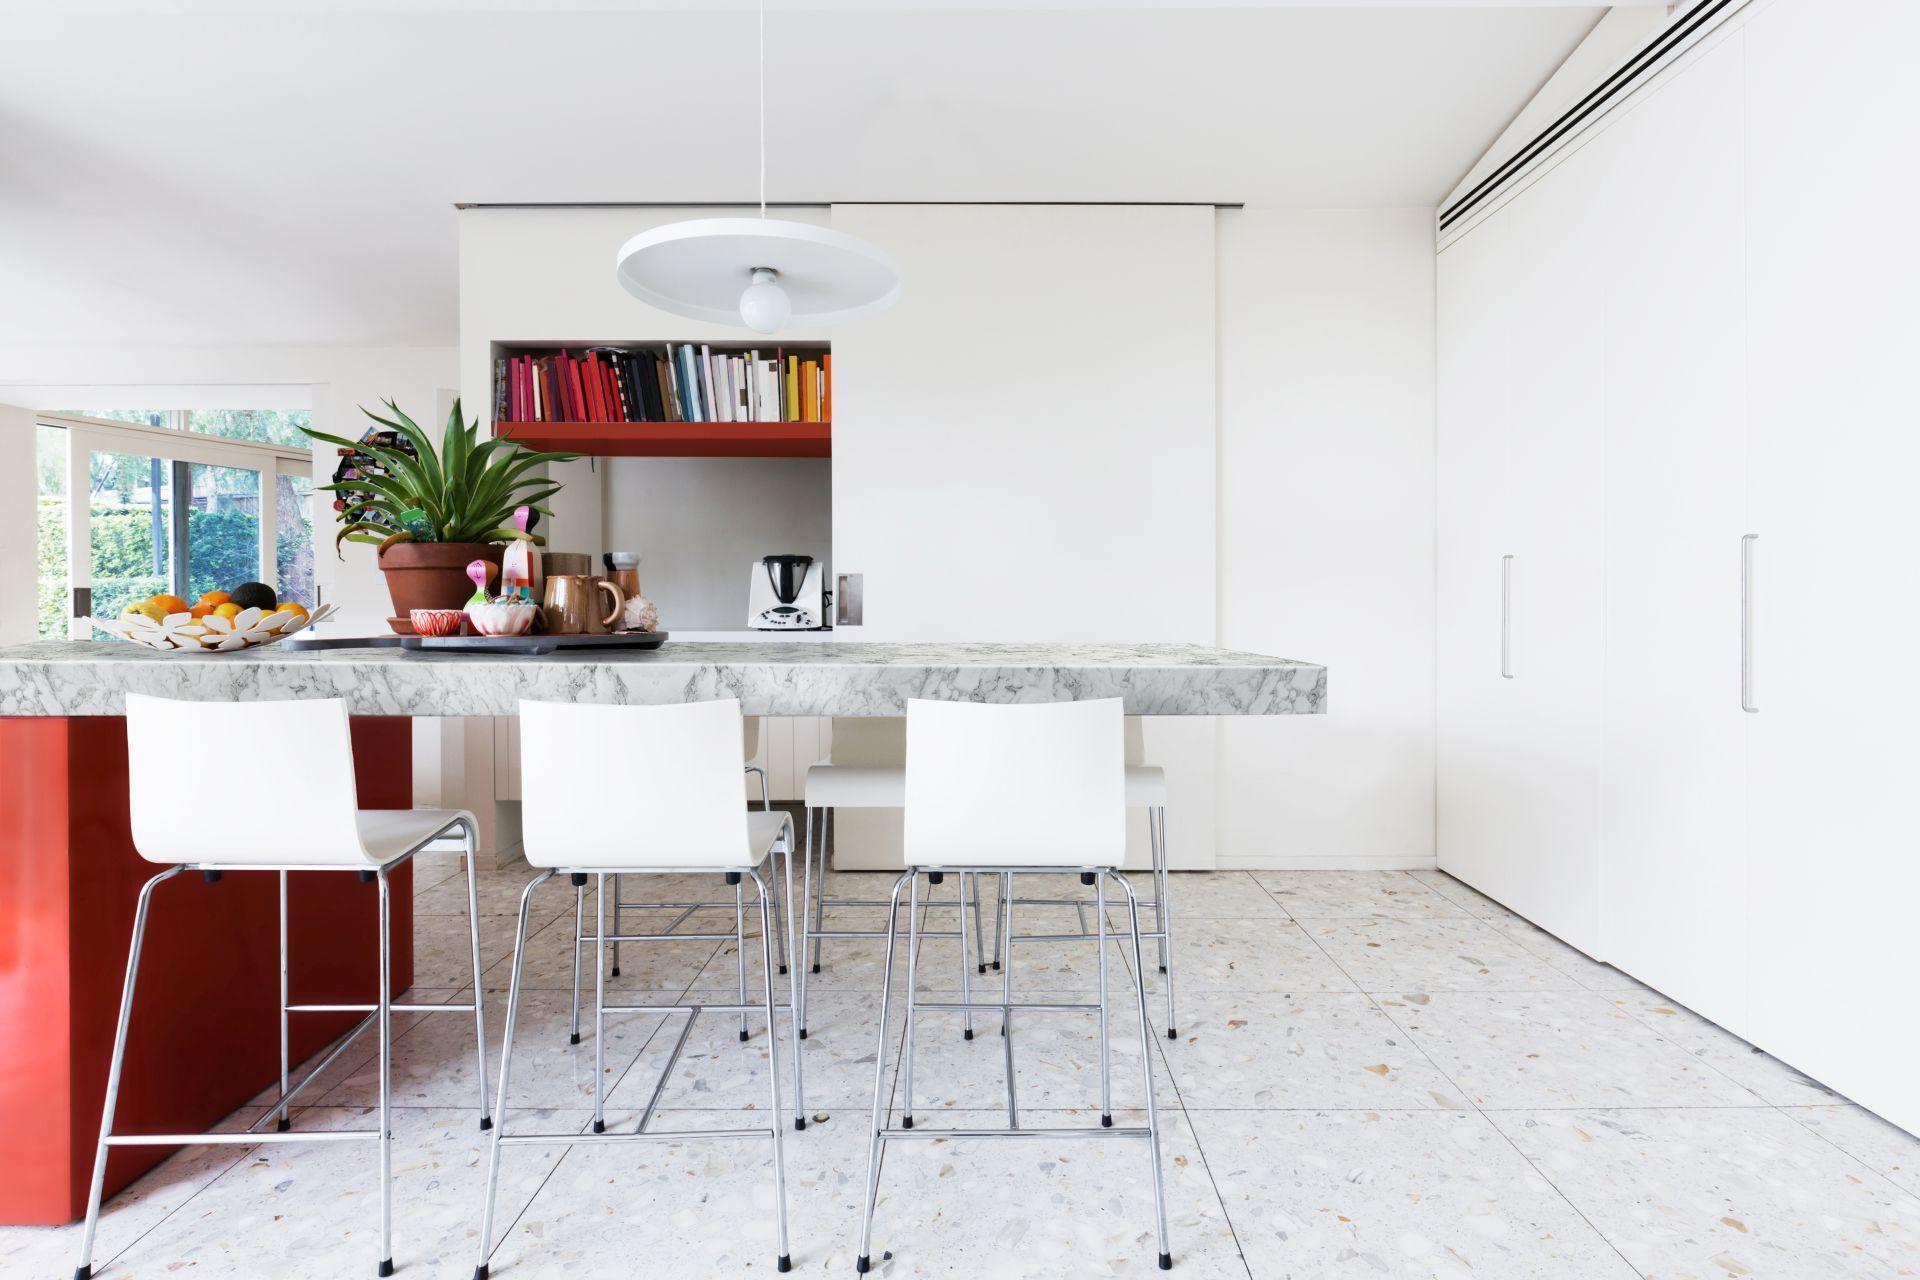 Duży Stół W Małej Kuchni